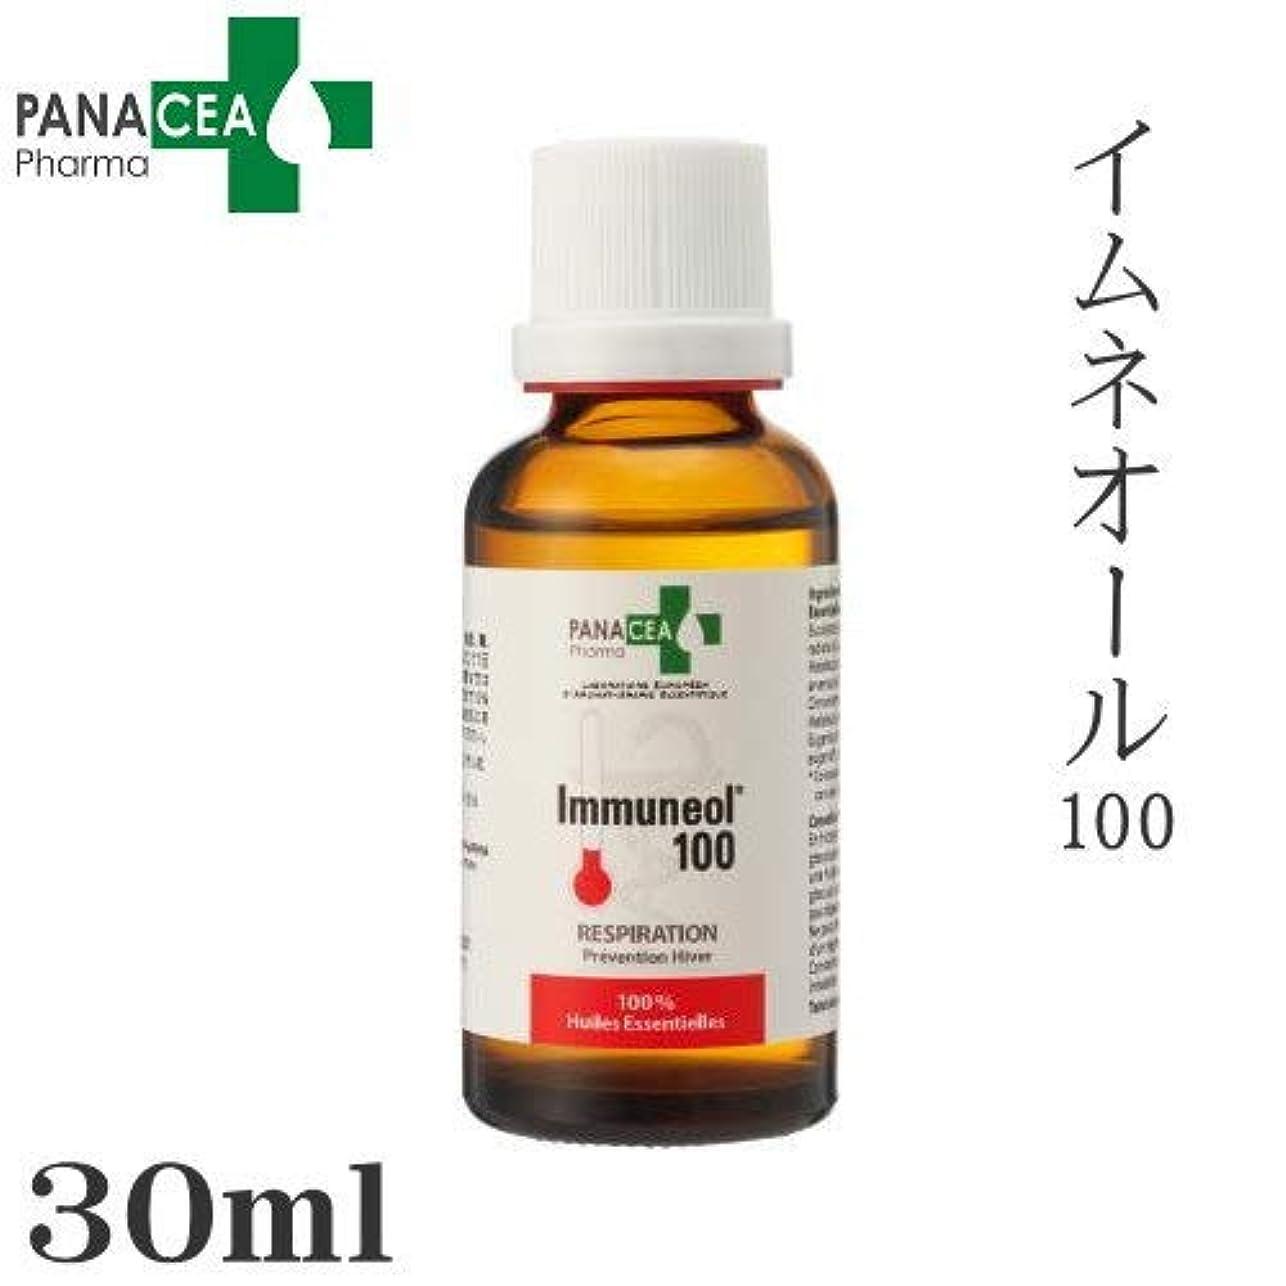 自然信仰目的PANACEA PHARMA パナセア ファルマイムネオール100 正規品